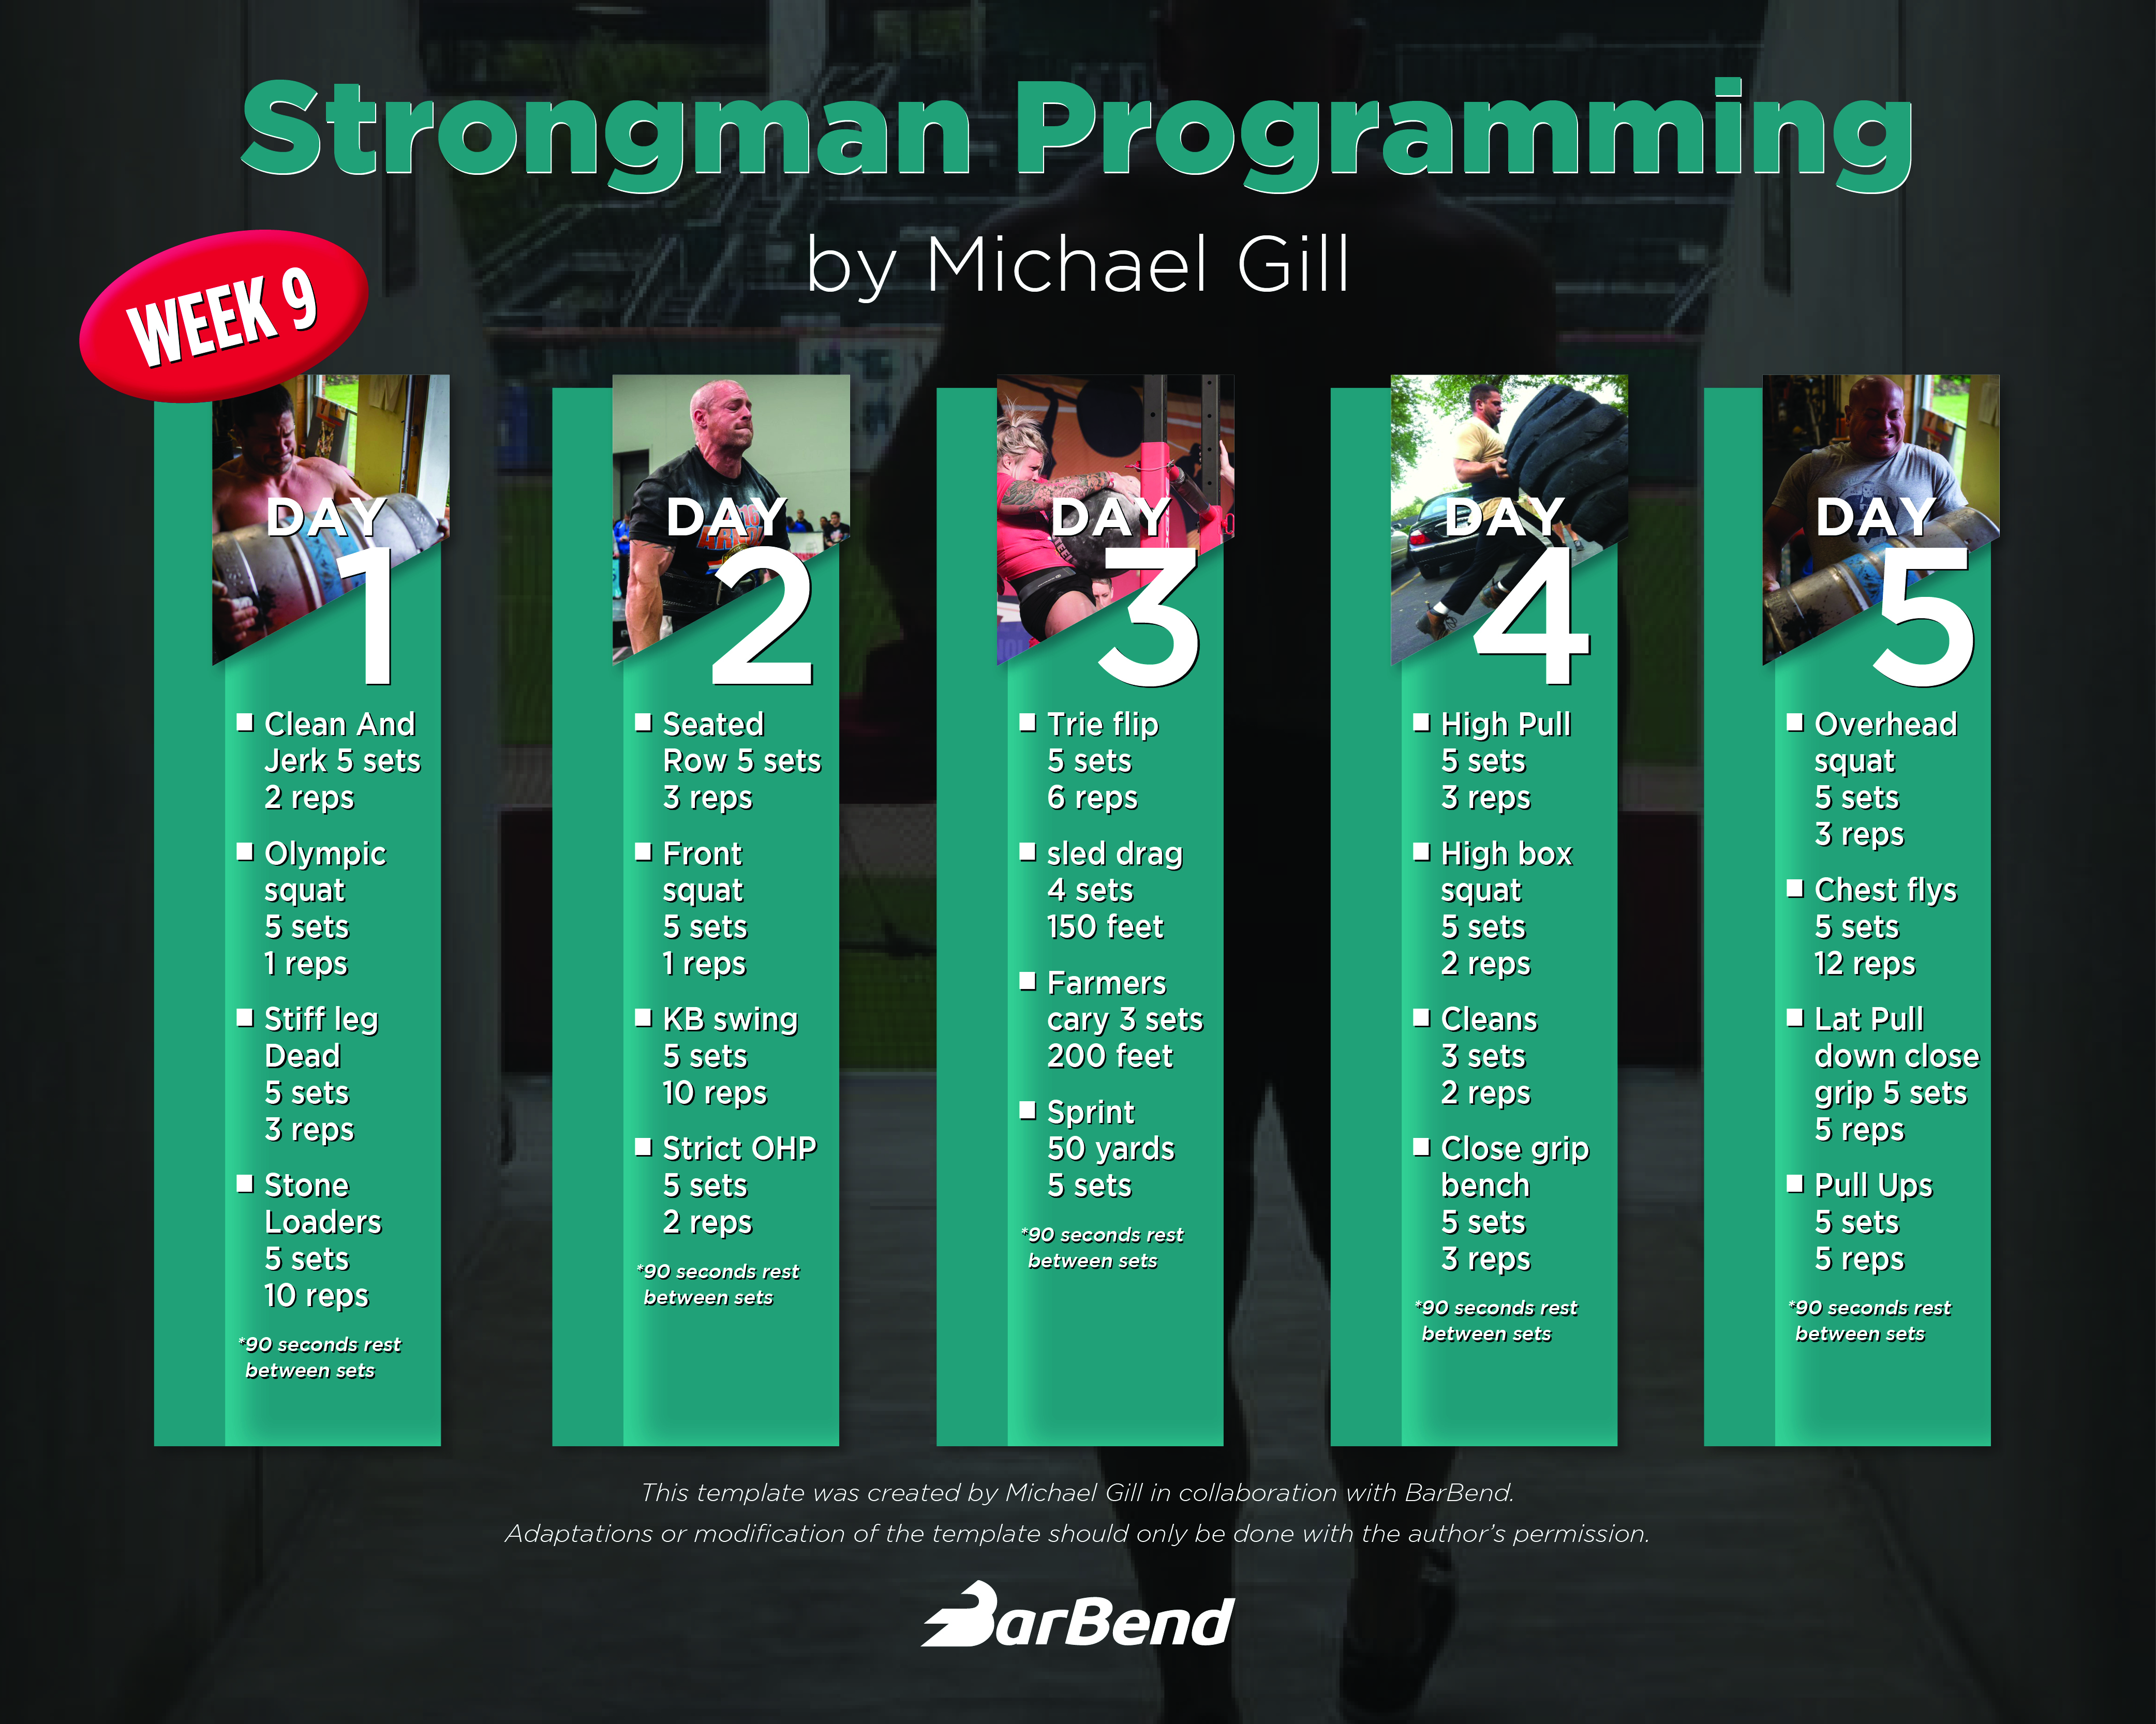 Strongman_Programming_Week9